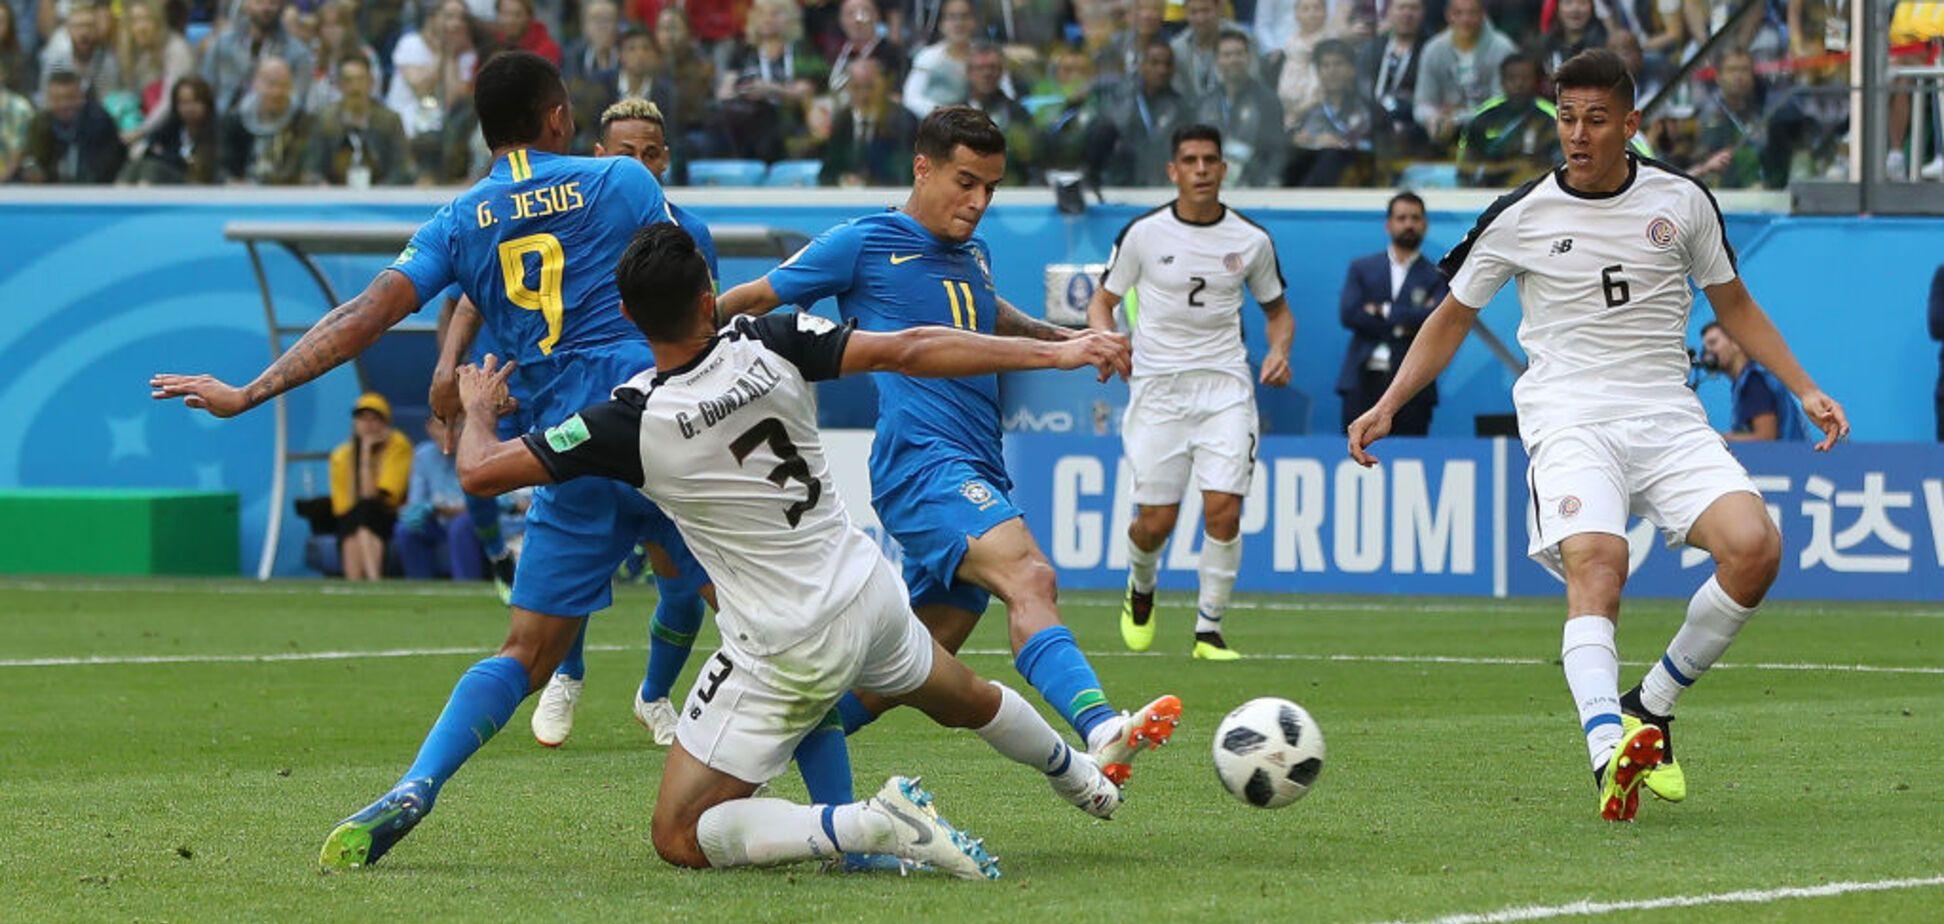 Бразилія - Мексика: де дивитися матч 1/8 фіналу ЧС-2018